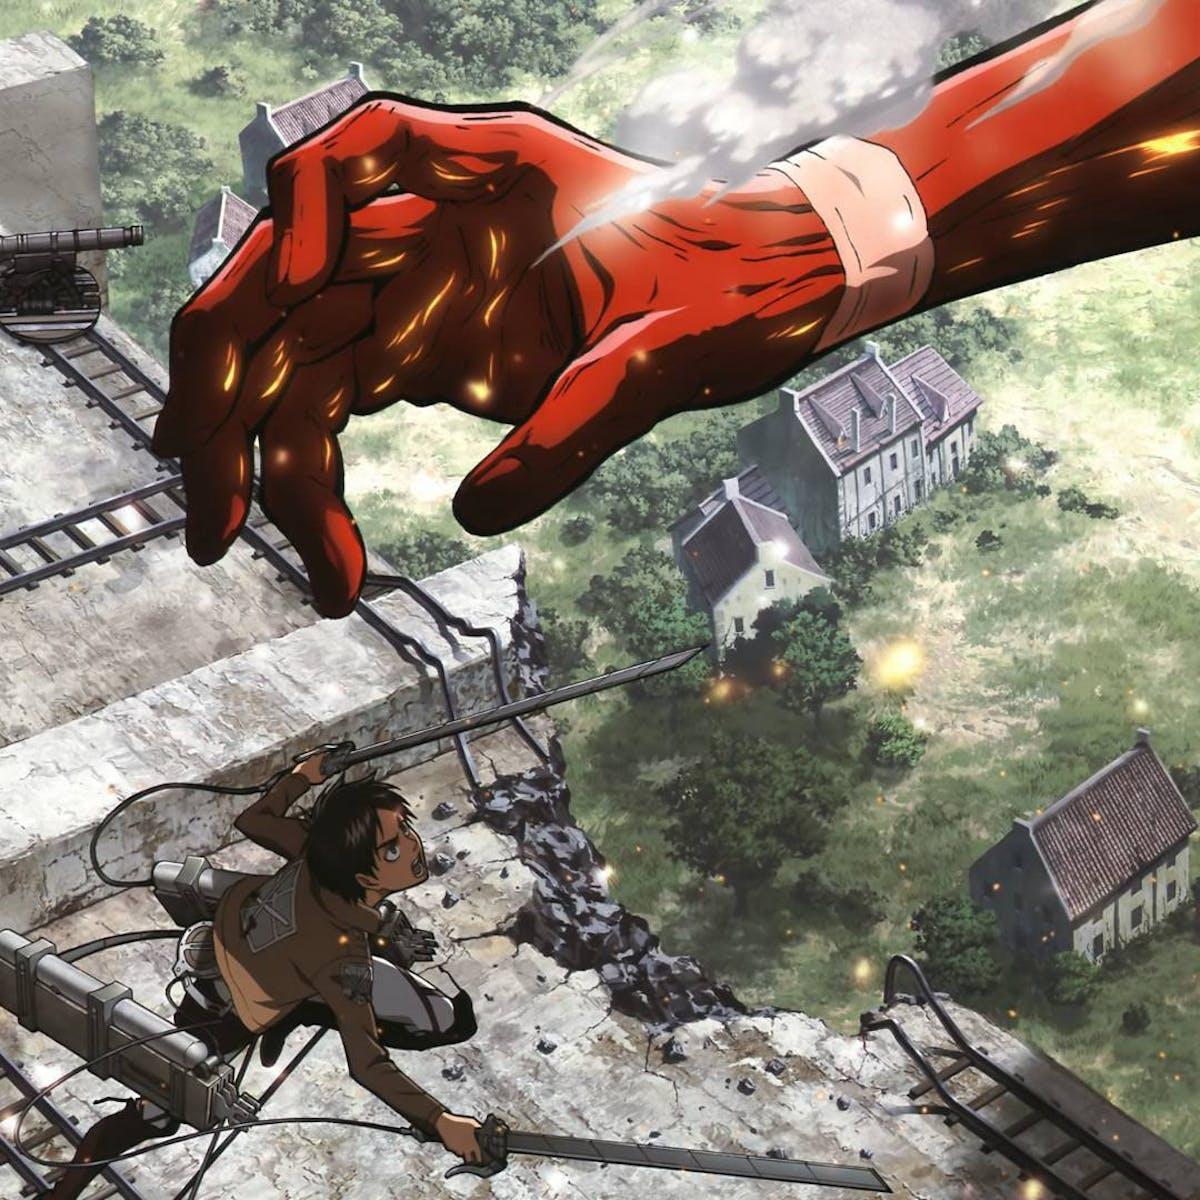 When Will 'Attack on Titan' Season 2 Be on Netflix? | Inverse